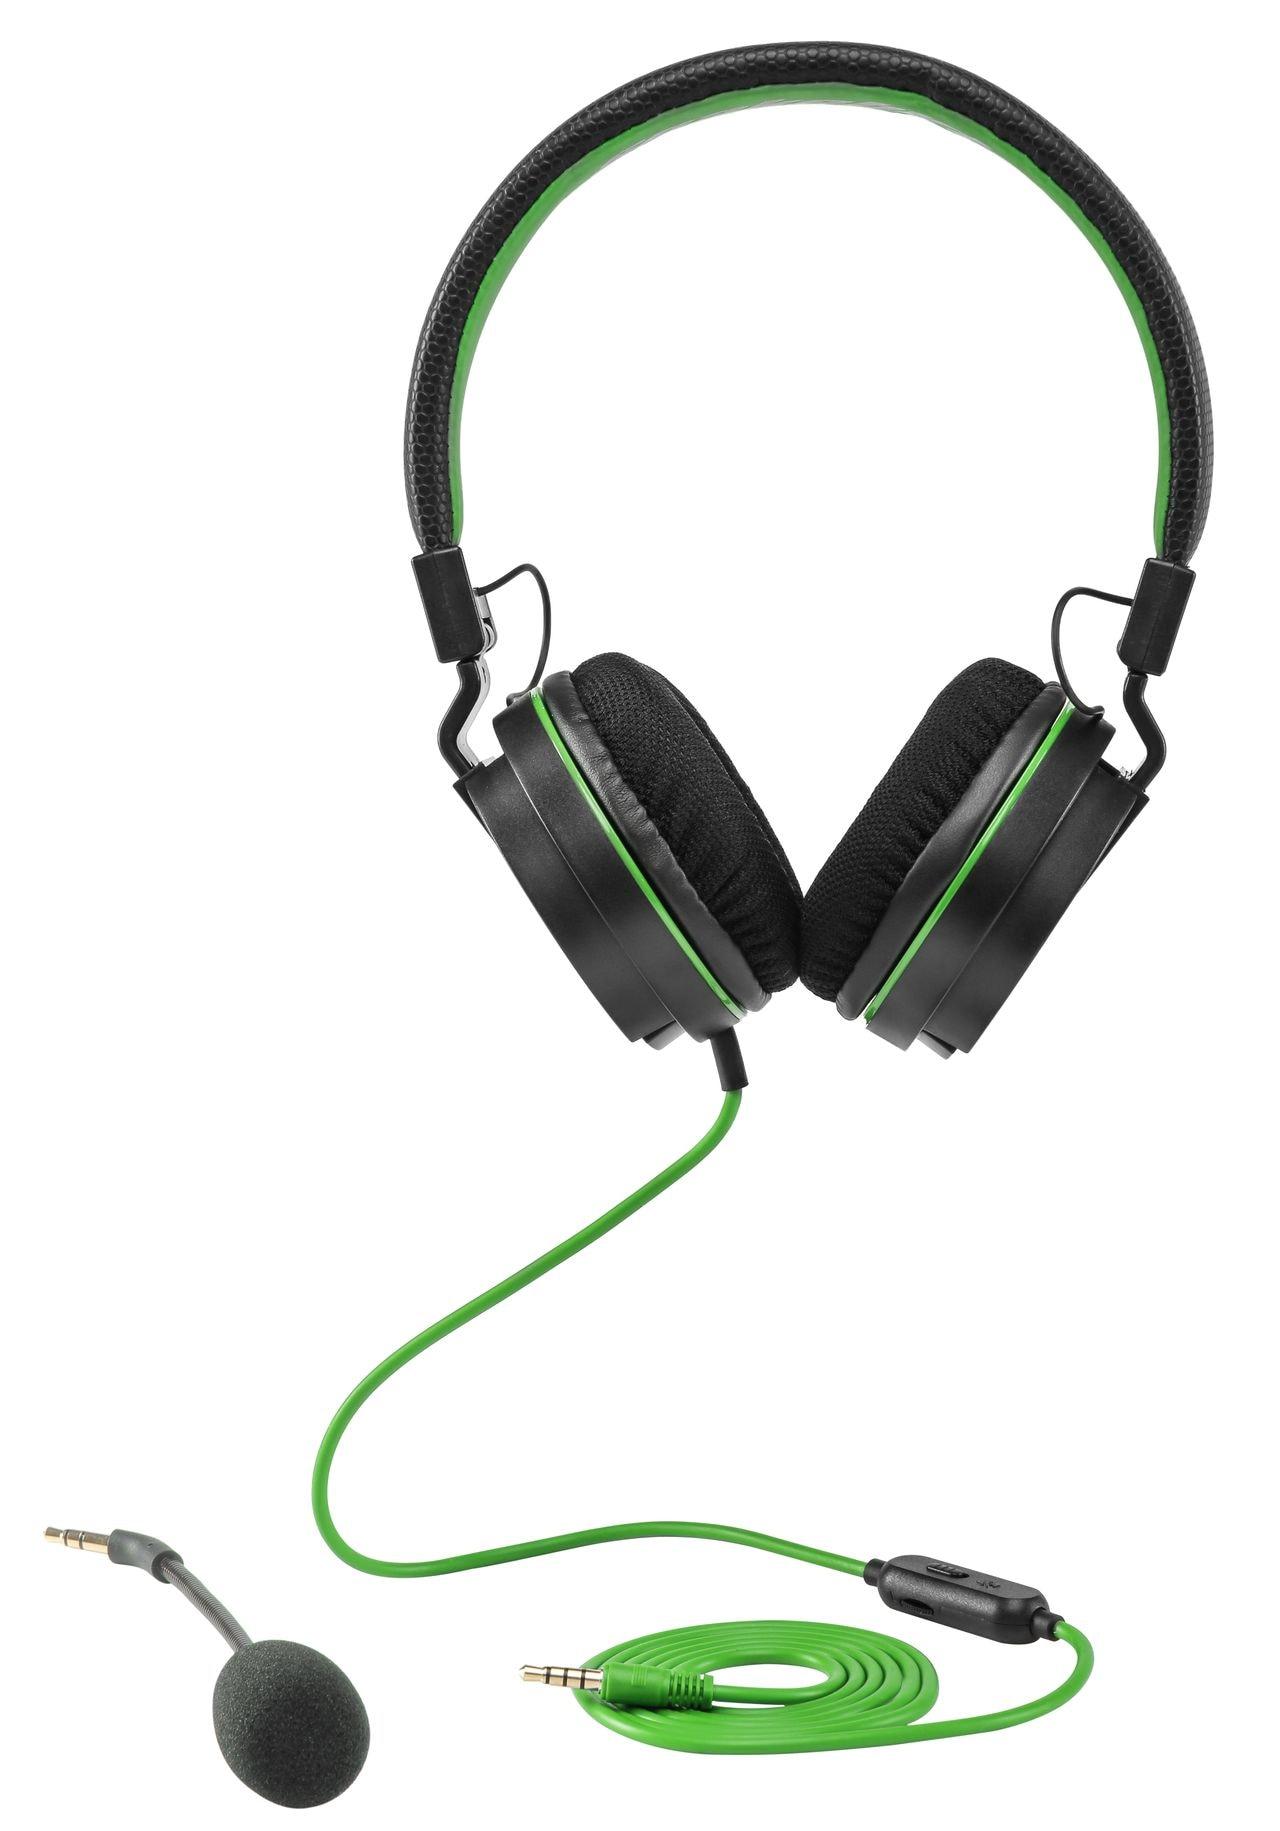 snakebyte zestaw słuchawkowy z mikrofonem HEAD: SET X ™ (XBOX ONE) - 3